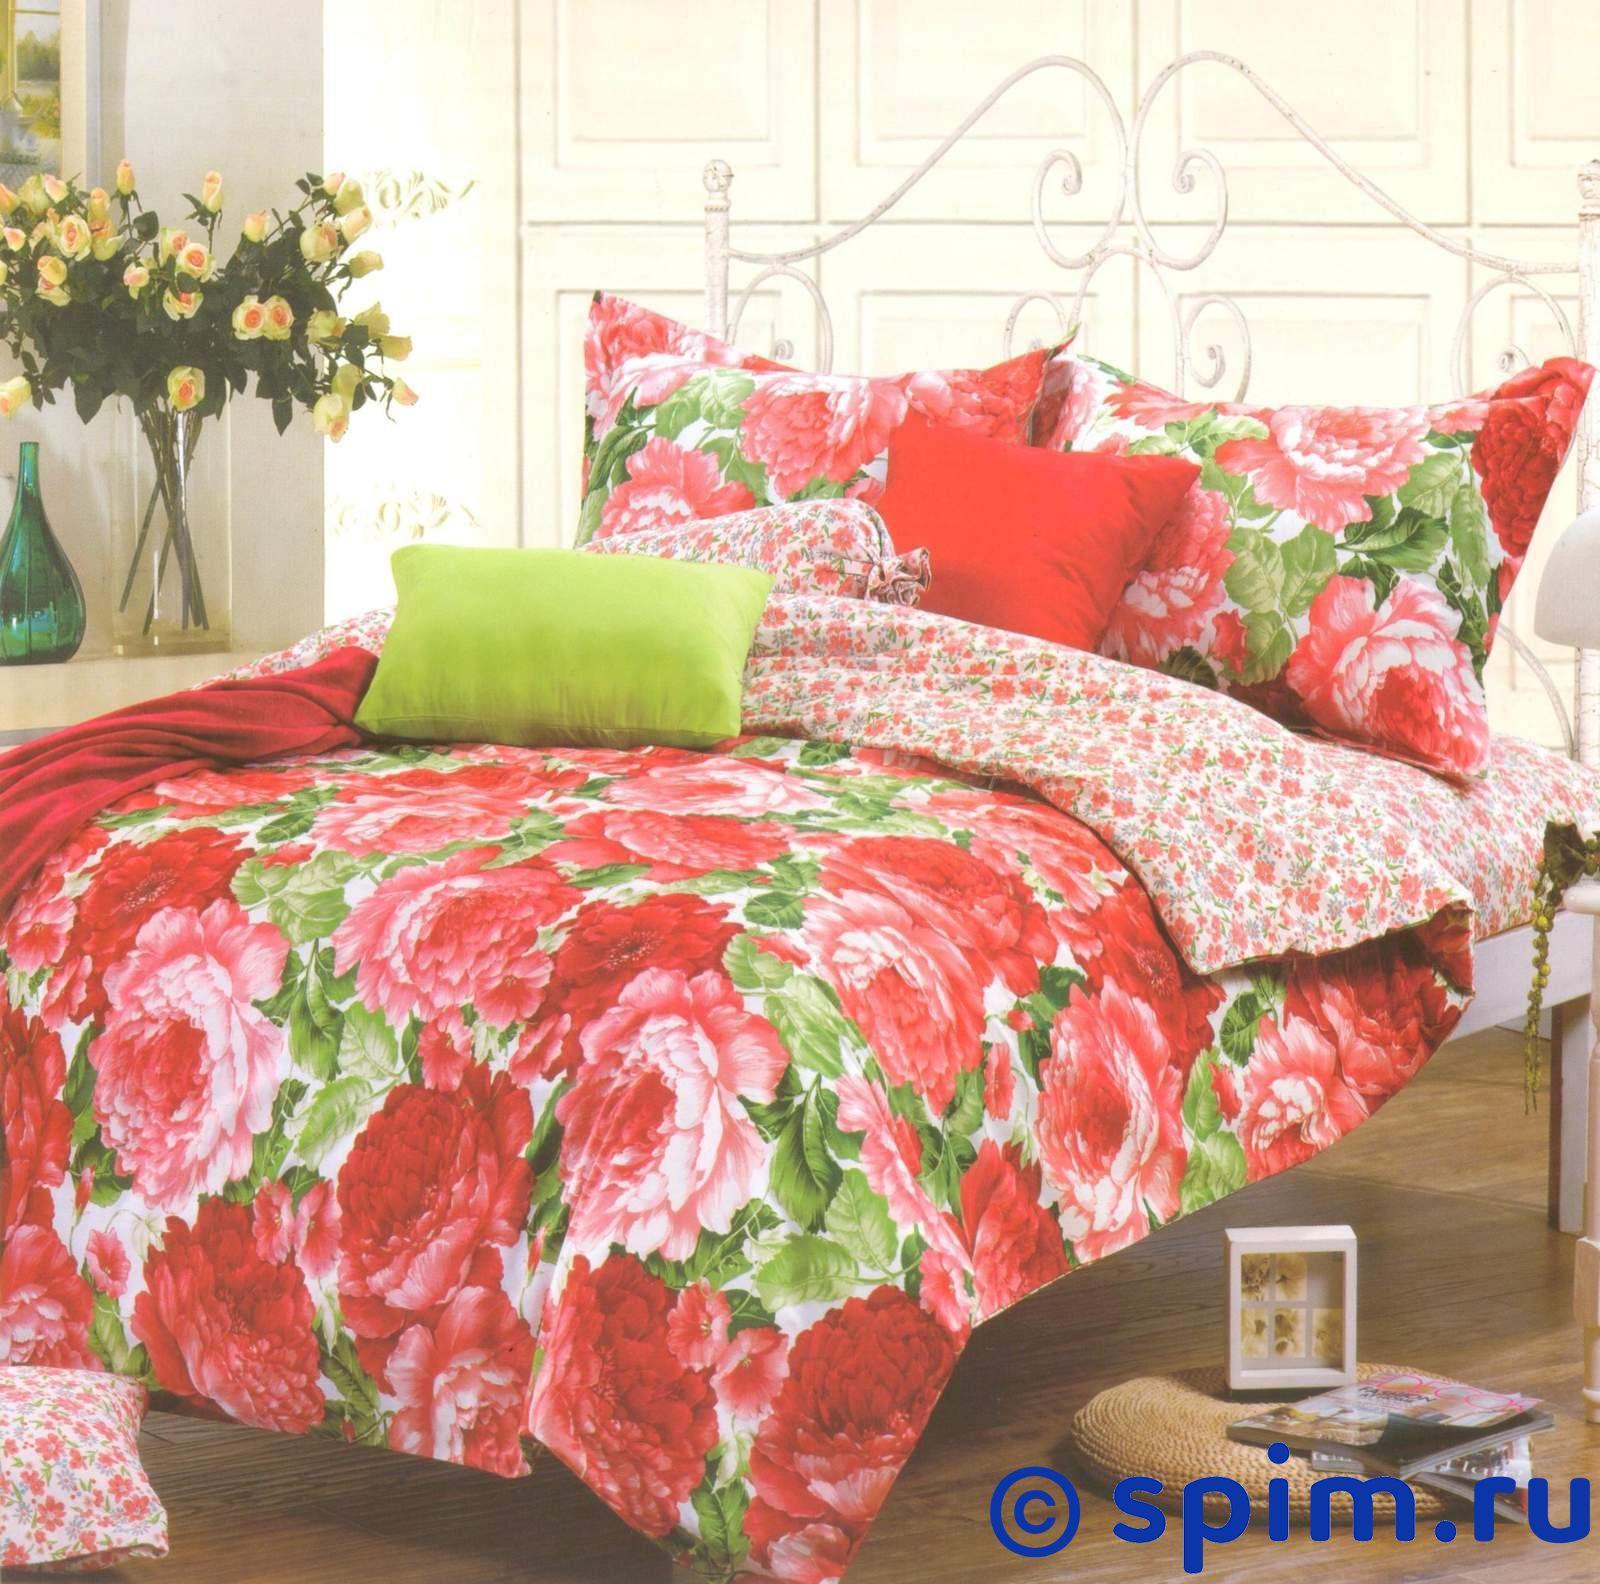 Комплект СайлиД В36 (2) 2 спальноеСатиновое постельное белье СайлиД<br>Материал: 100% хлопок (печатный сатин). Плотность, г/м2: 130. Размер Sailid Б: 2 спальное<br><br>Размер: 2 спальное